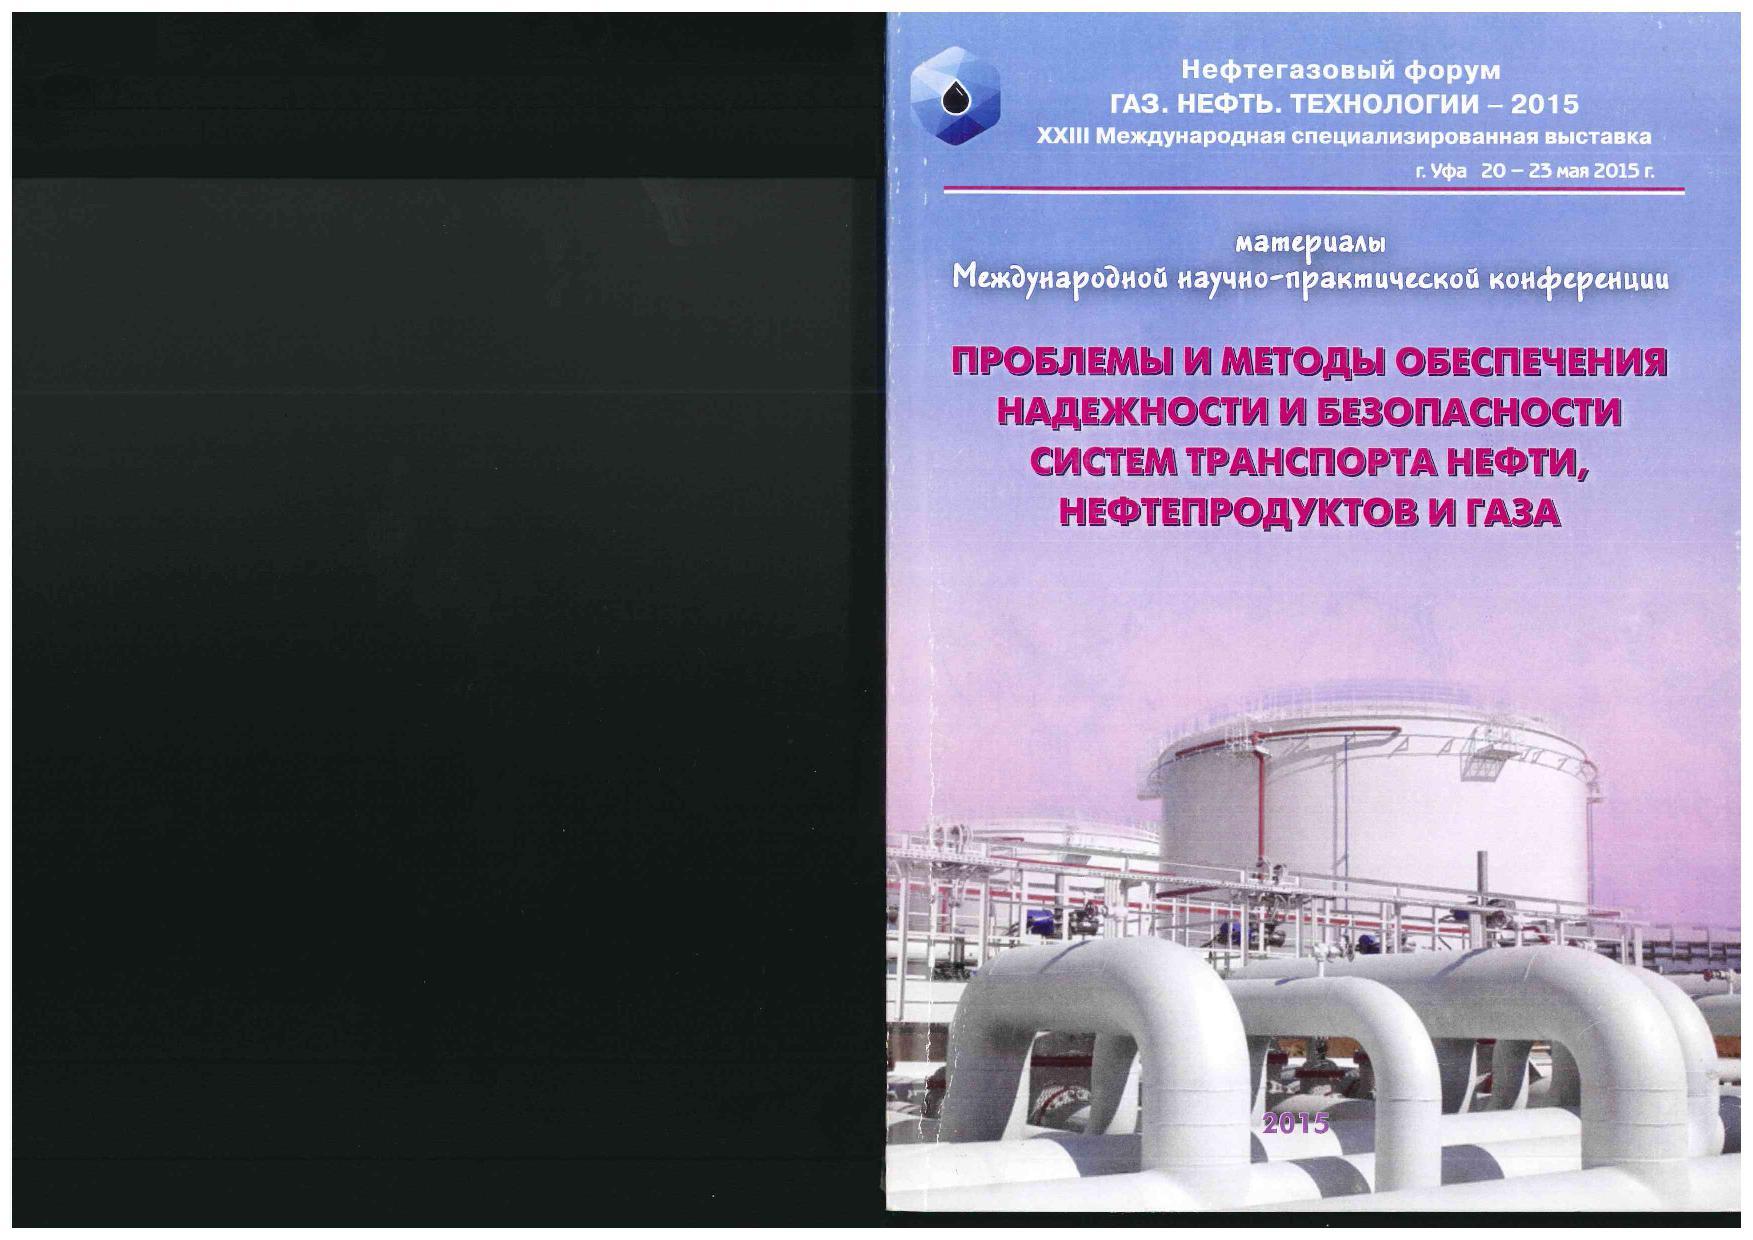 Проблемы и методы обеспечения надежности и безопасности систем транспорта нефти, нефтепродуктов и газа